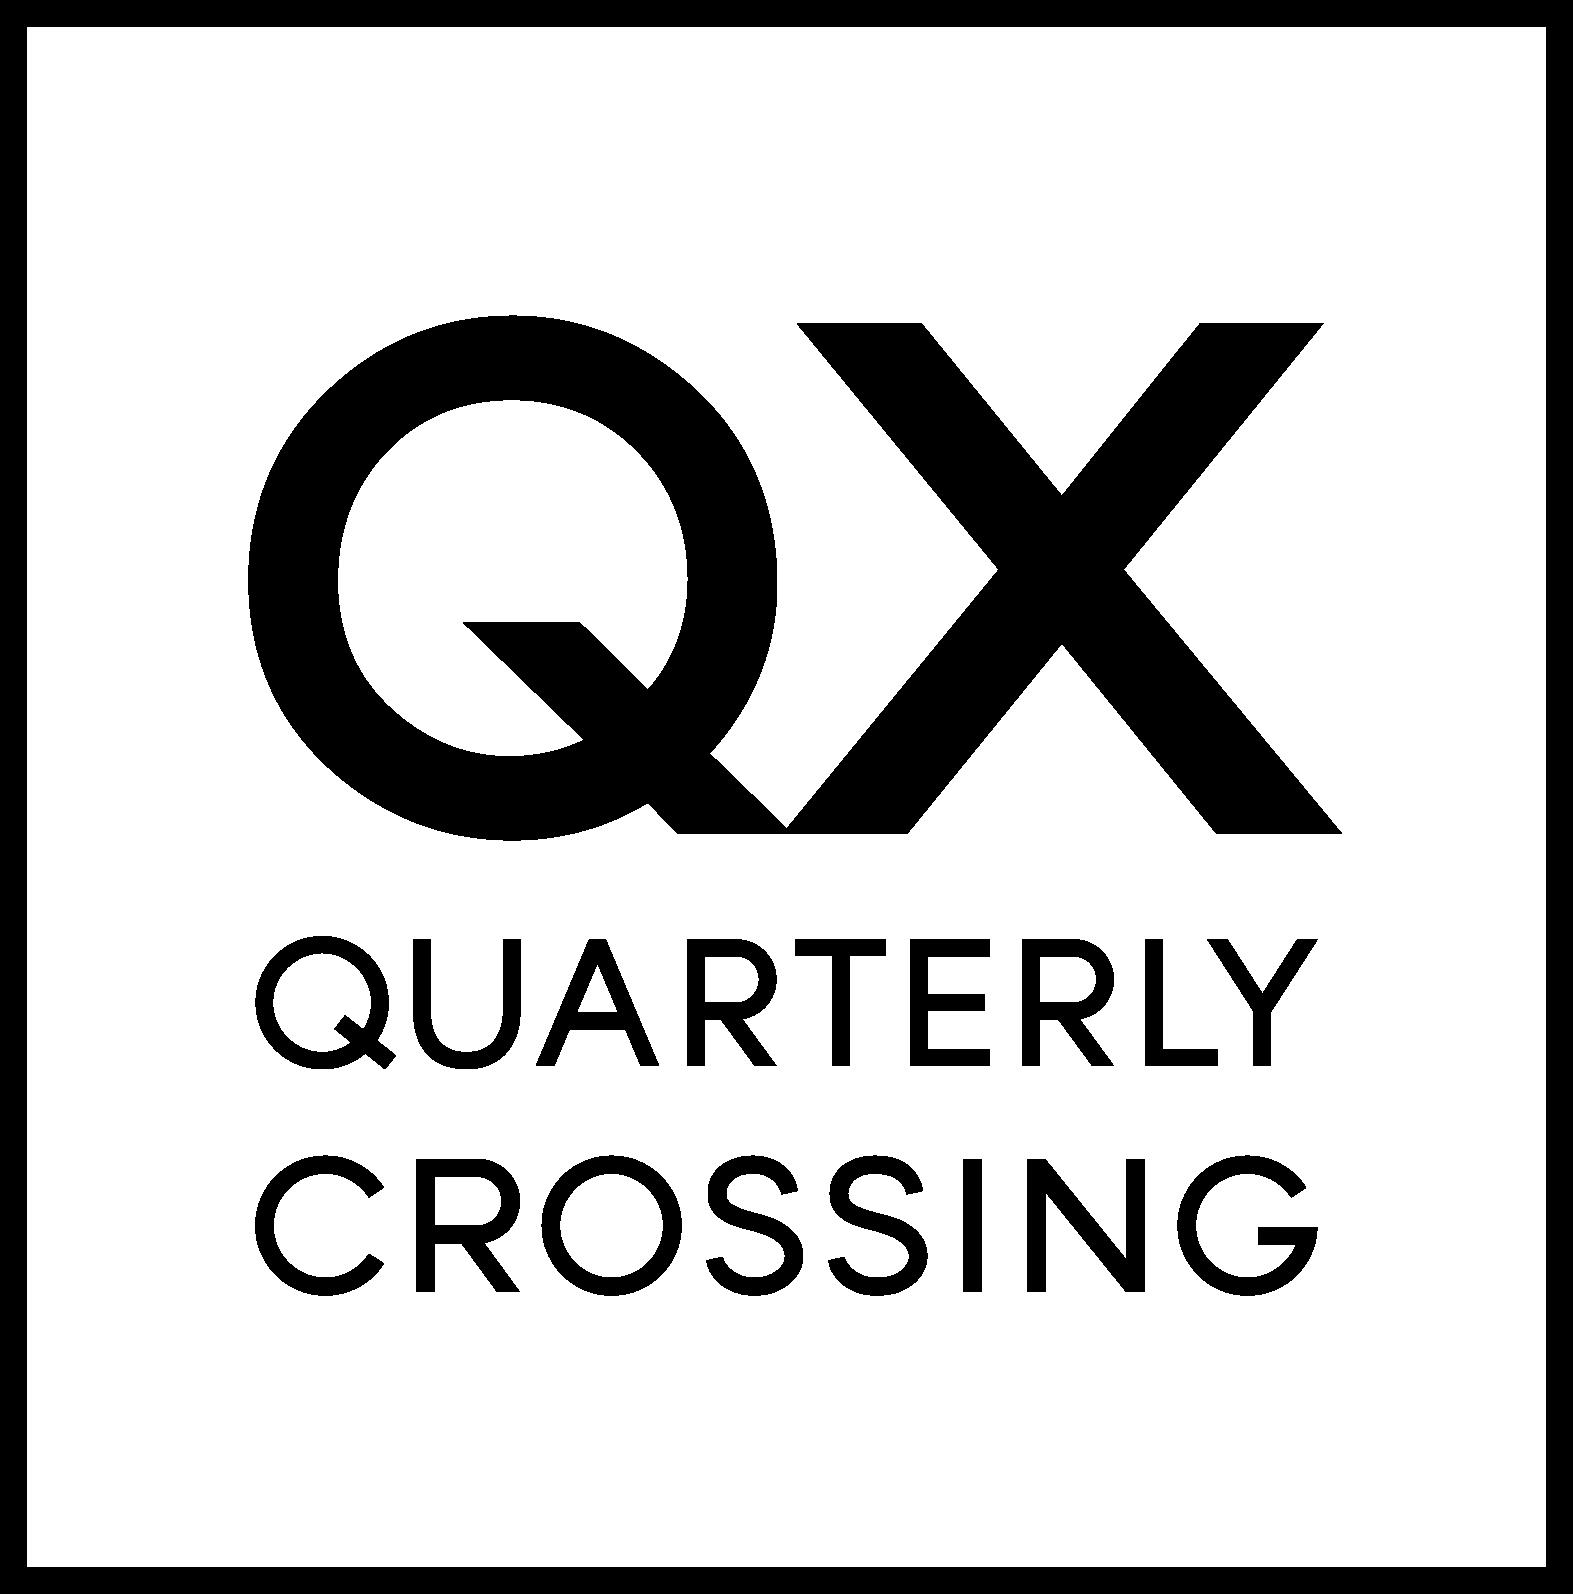 QX - Das weltweit einzigartiges Exzellenz-Netzwerk erfahrener und junger Leadership-Talente